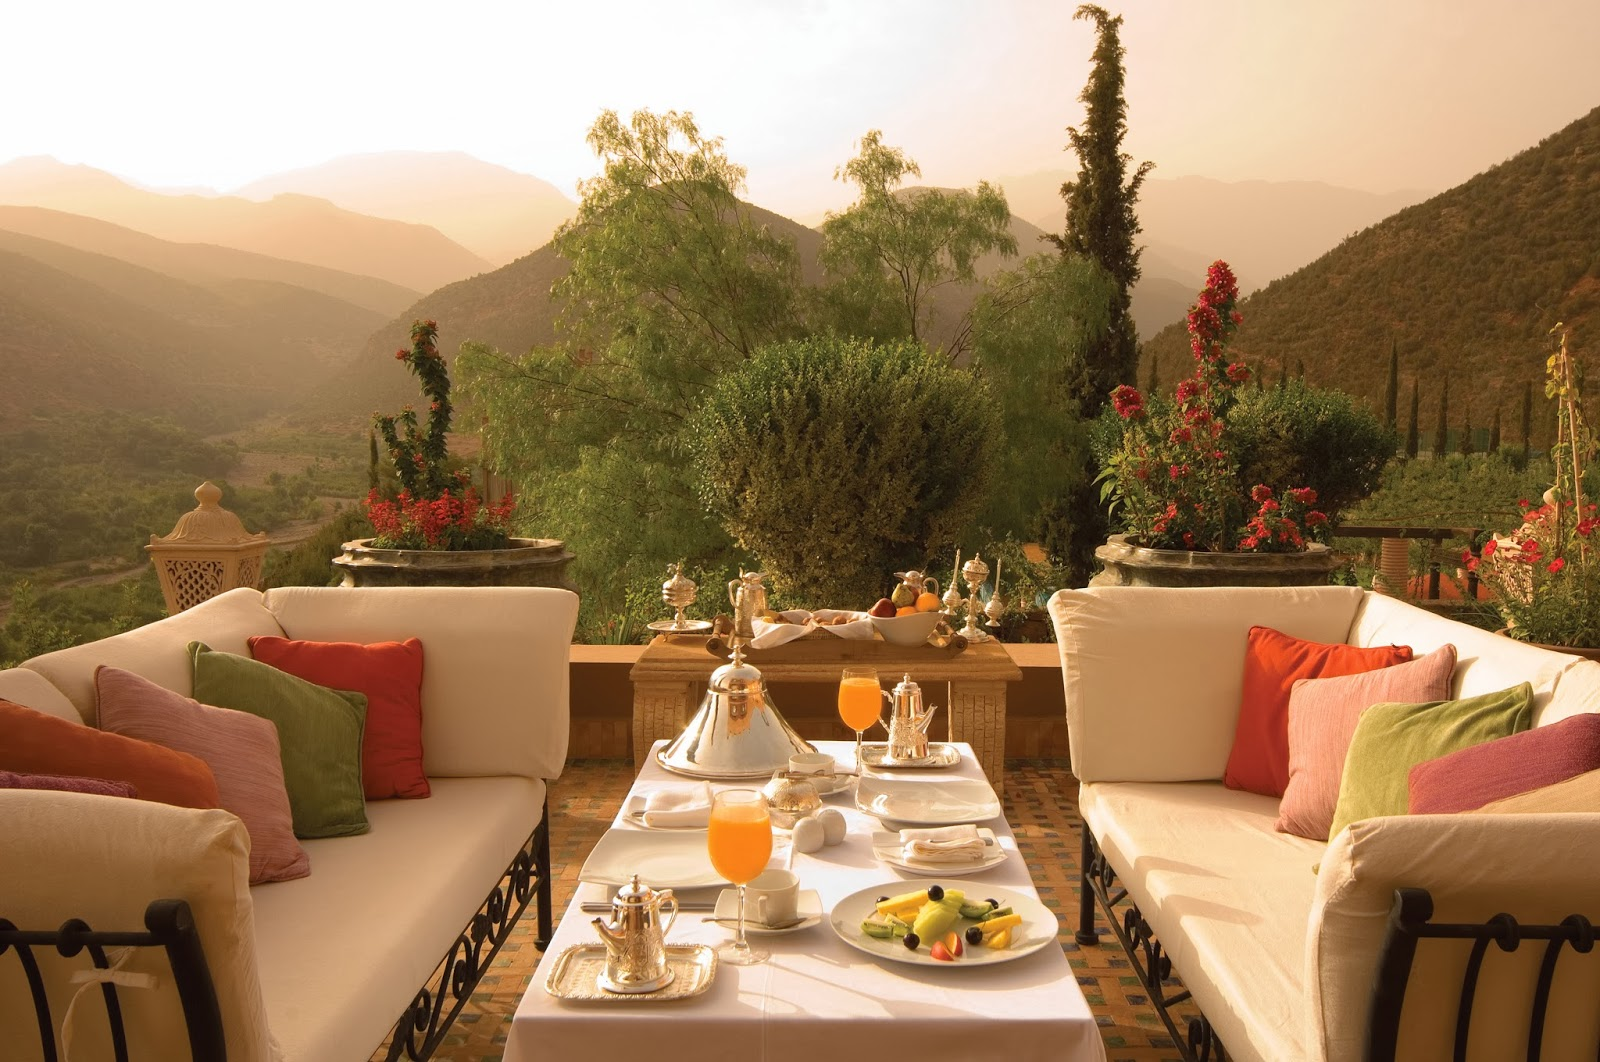 Marokko vom Spezialisten Ritz Reisen